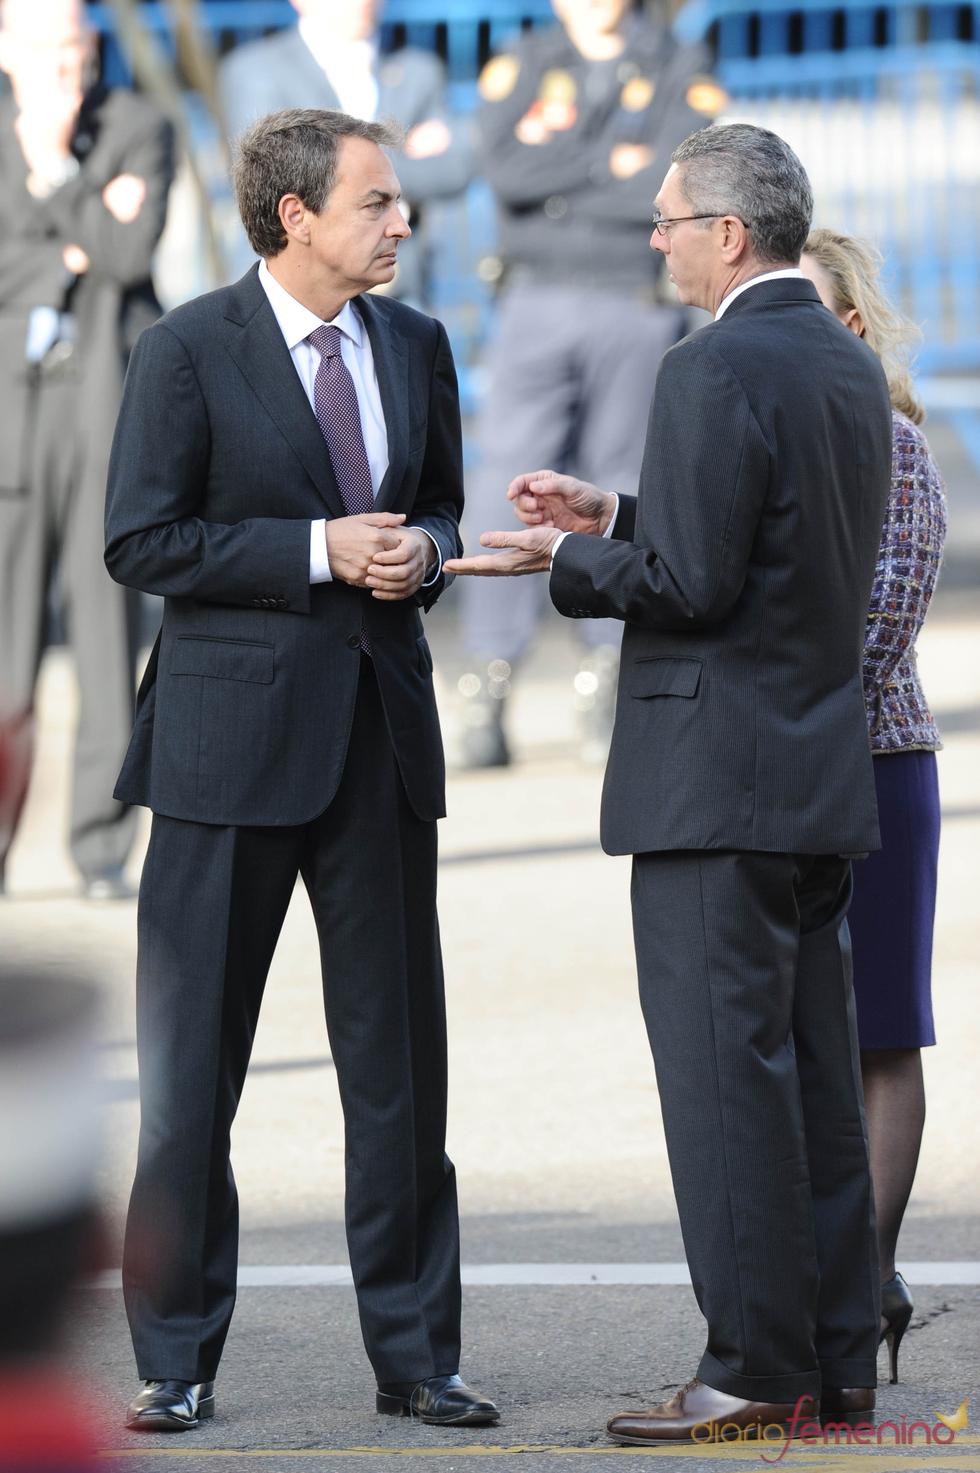 El presidente Zapatero dialoga con Gallardón el día de la Hispanidad